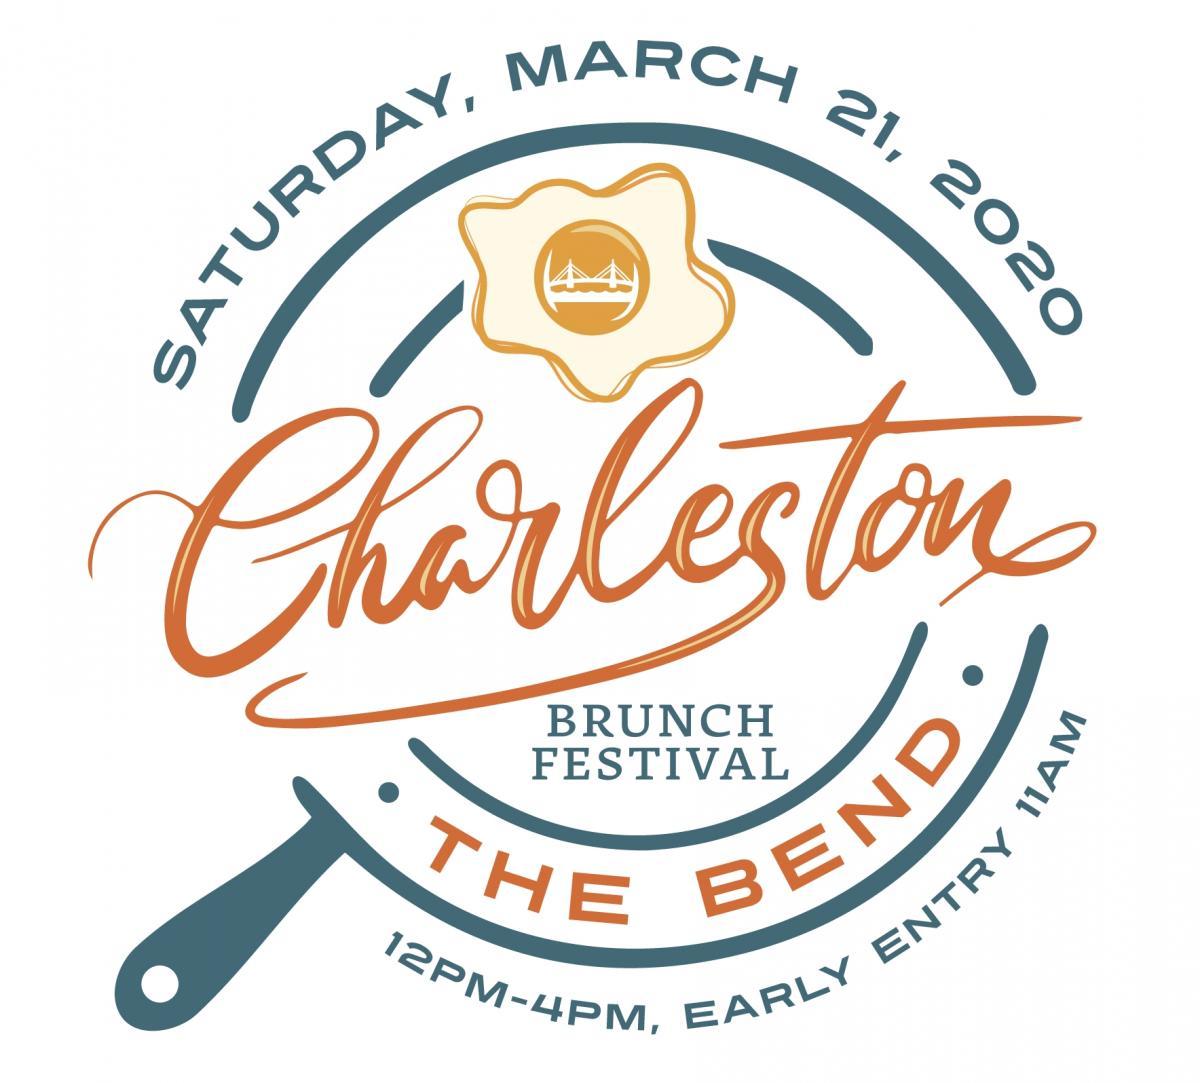 Charleston Brunch Fest